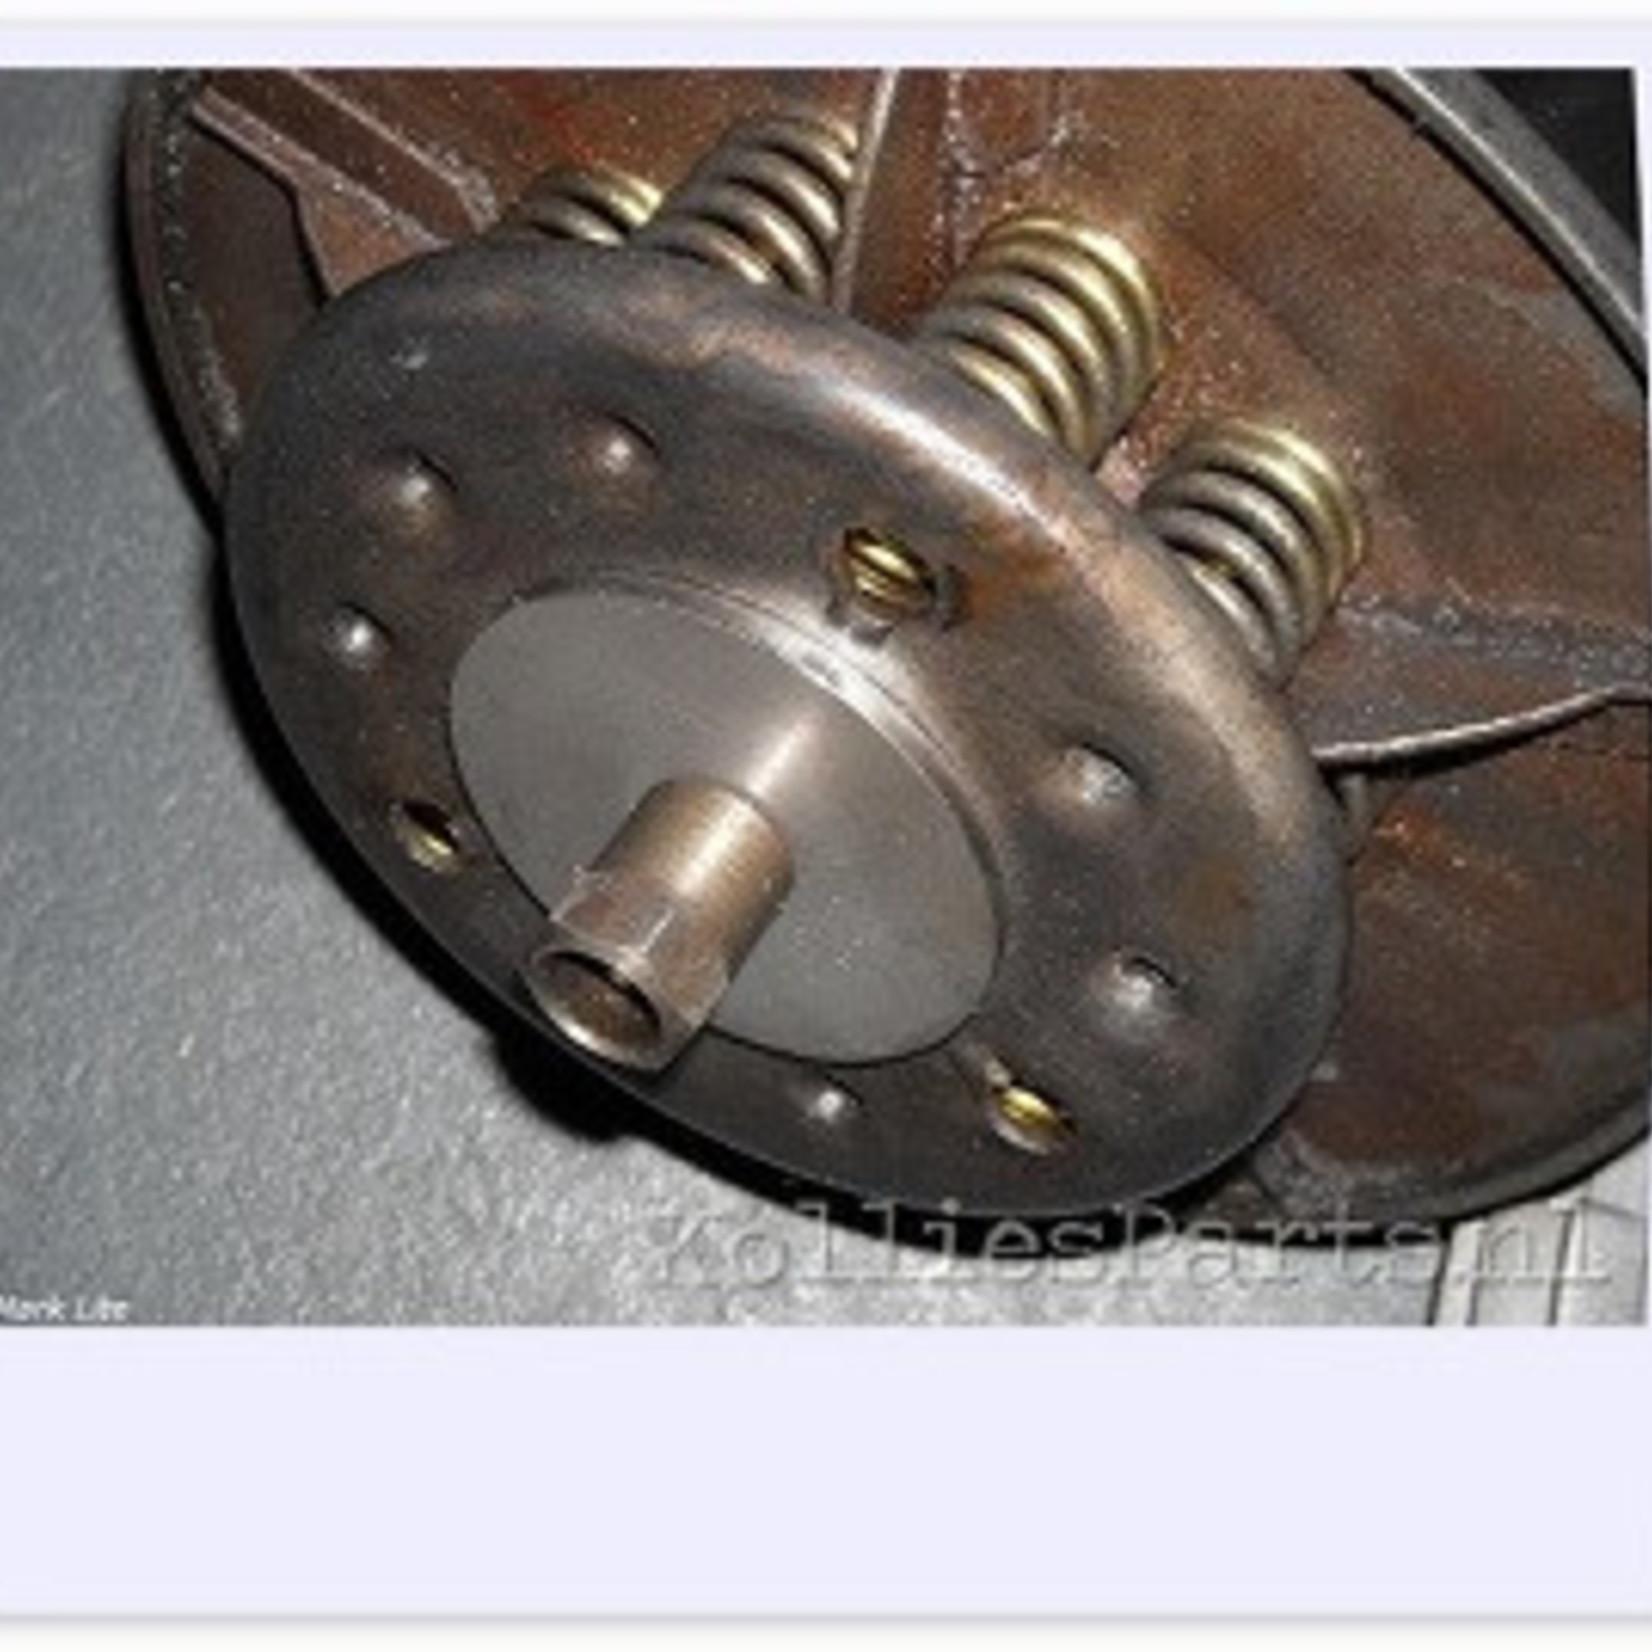 Spring Ring voor HD koppeling - handig stuk gereedschap